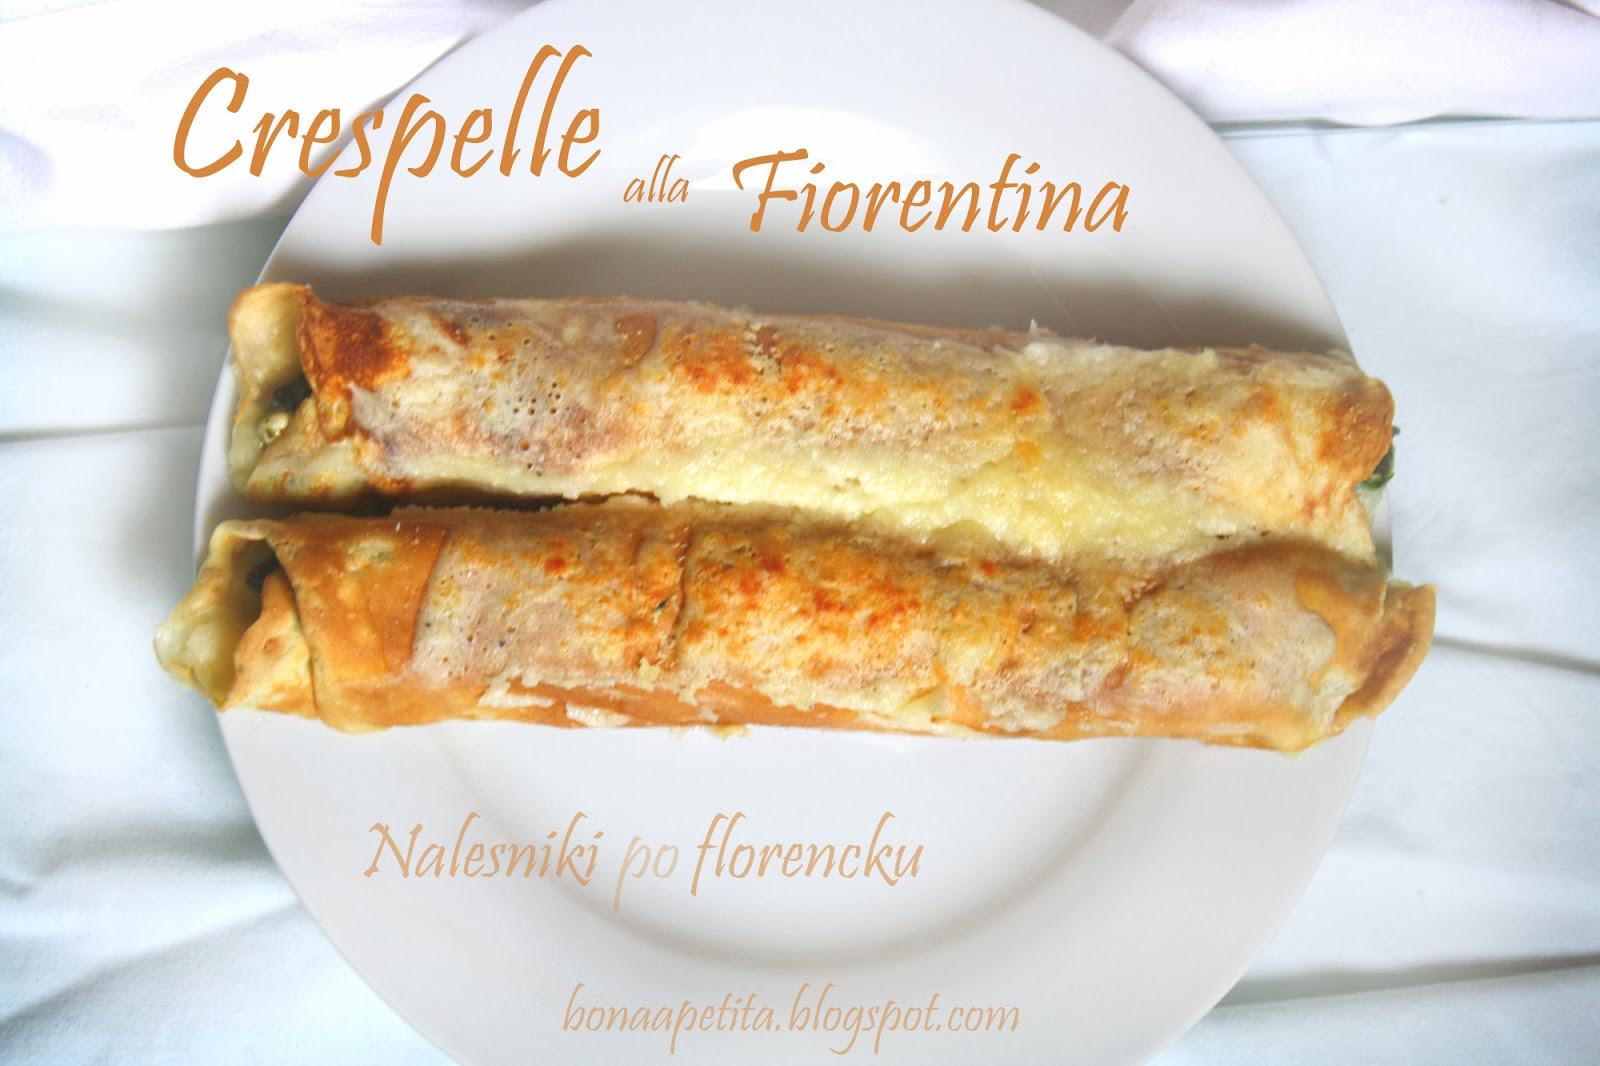 Crespelle alla Fiorentina czyli Naleśniki po florencku